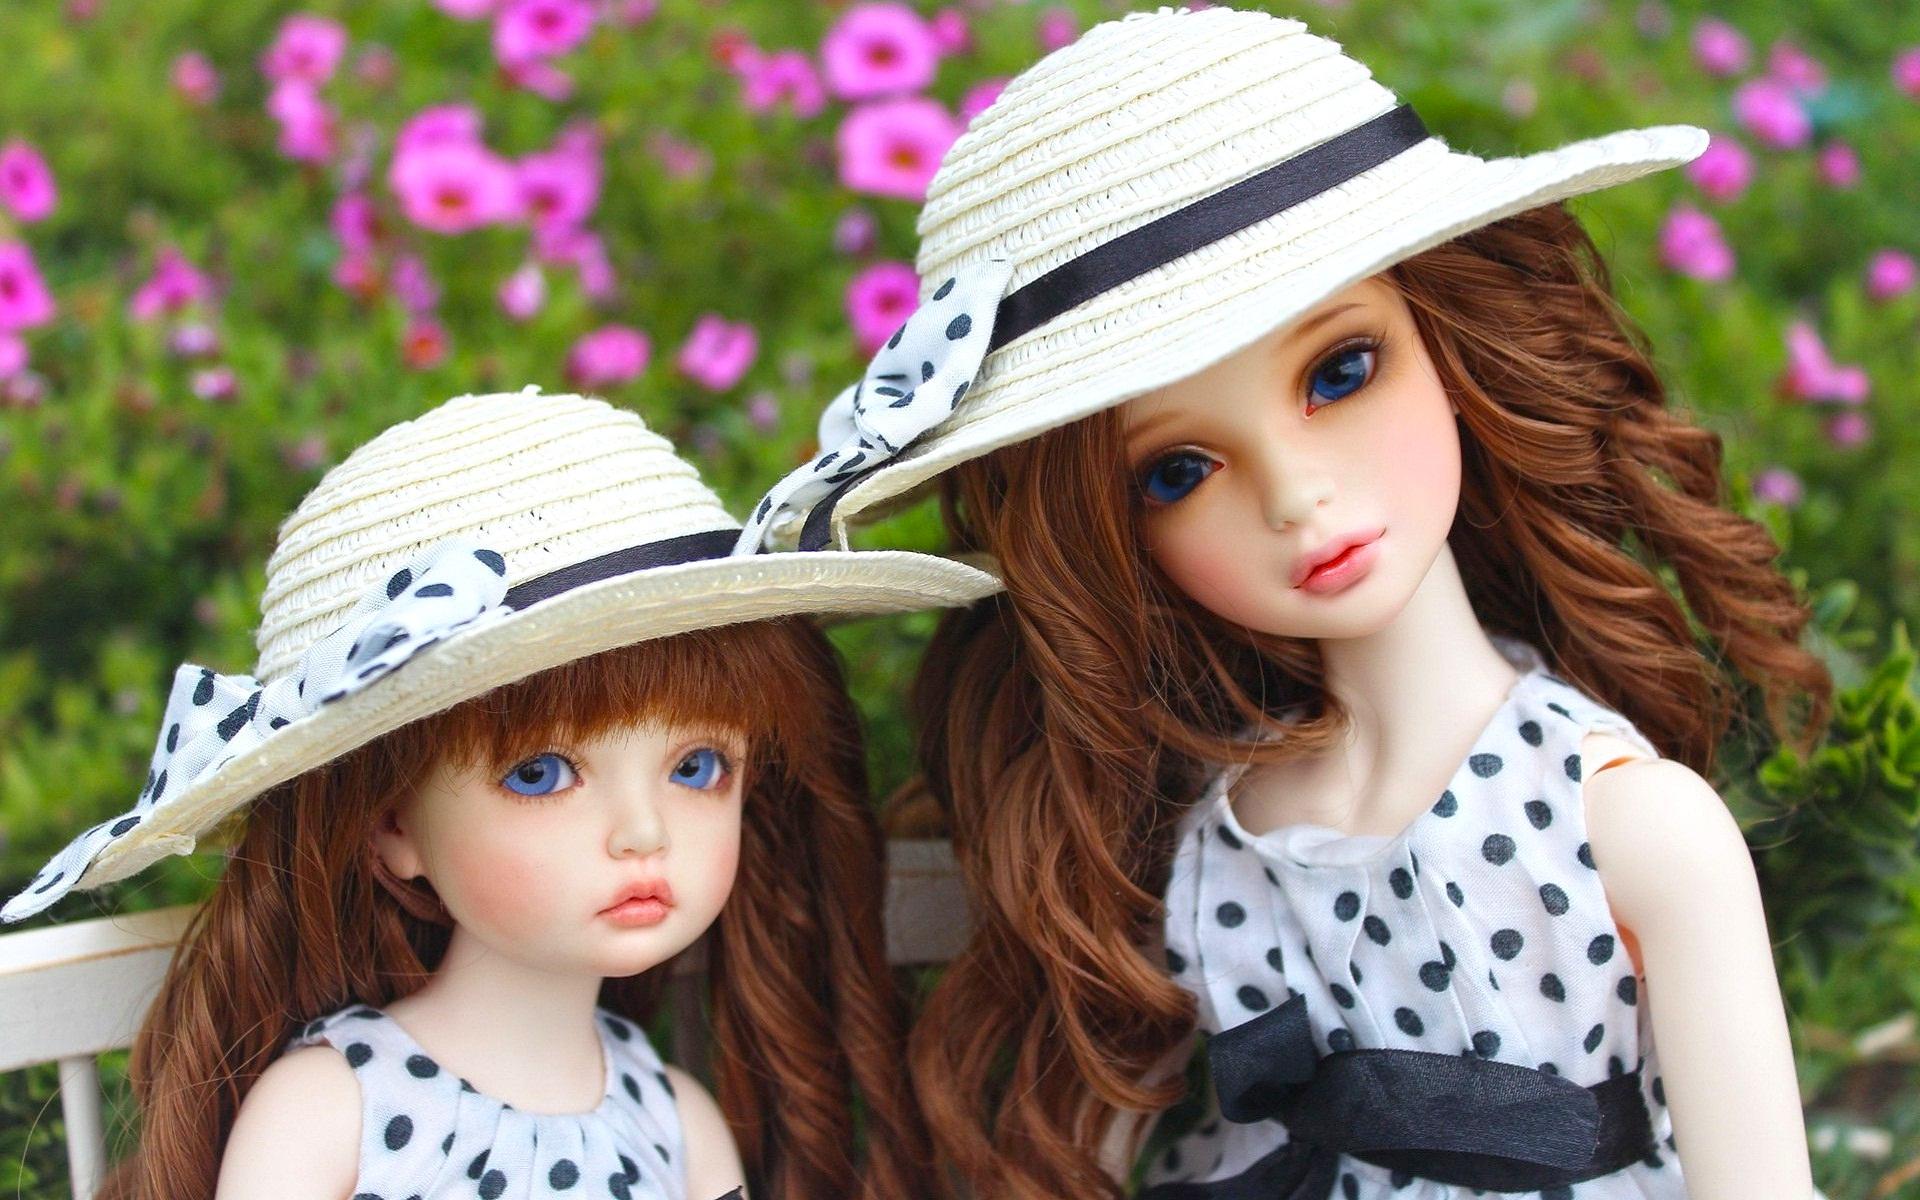 Cute Doll Wallpaper For Whatsapp Doll Wallpapers Hd Pixelstalk Net